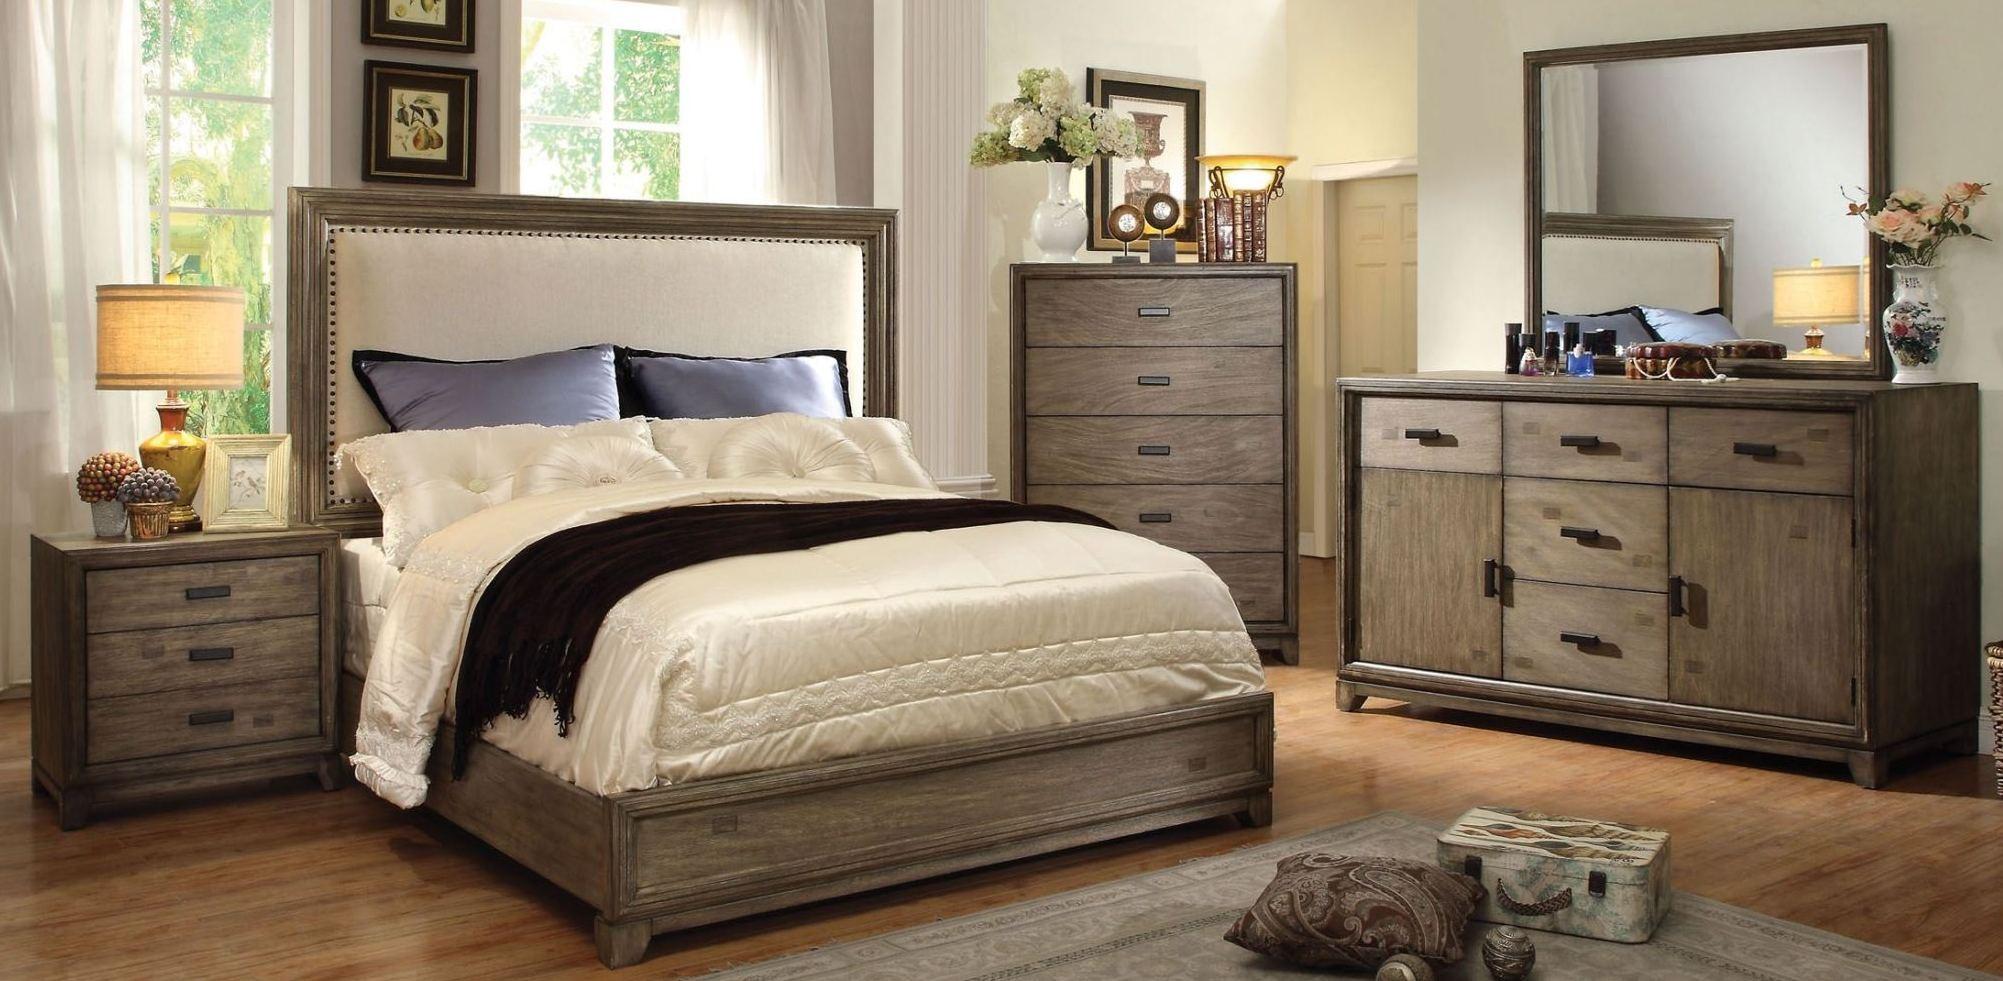 Antler natural ash bedroom set from furniture of america